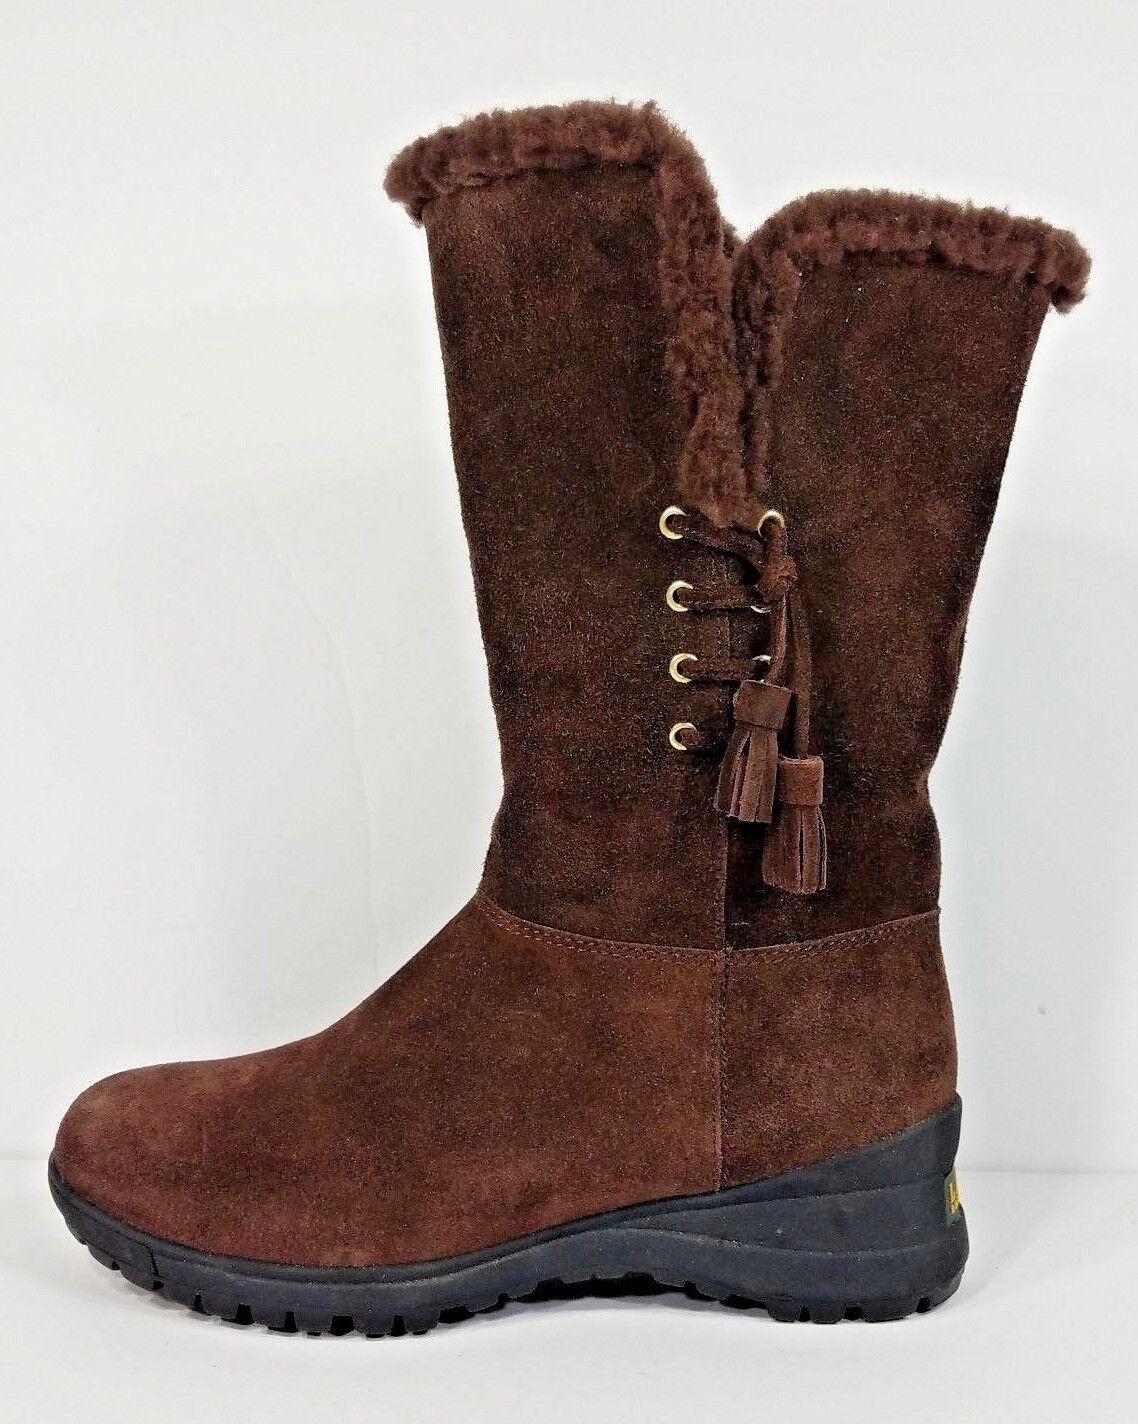 Lauren Ralph Lauren brown suede leather Tadina sheraling trim boots ladies 7 B